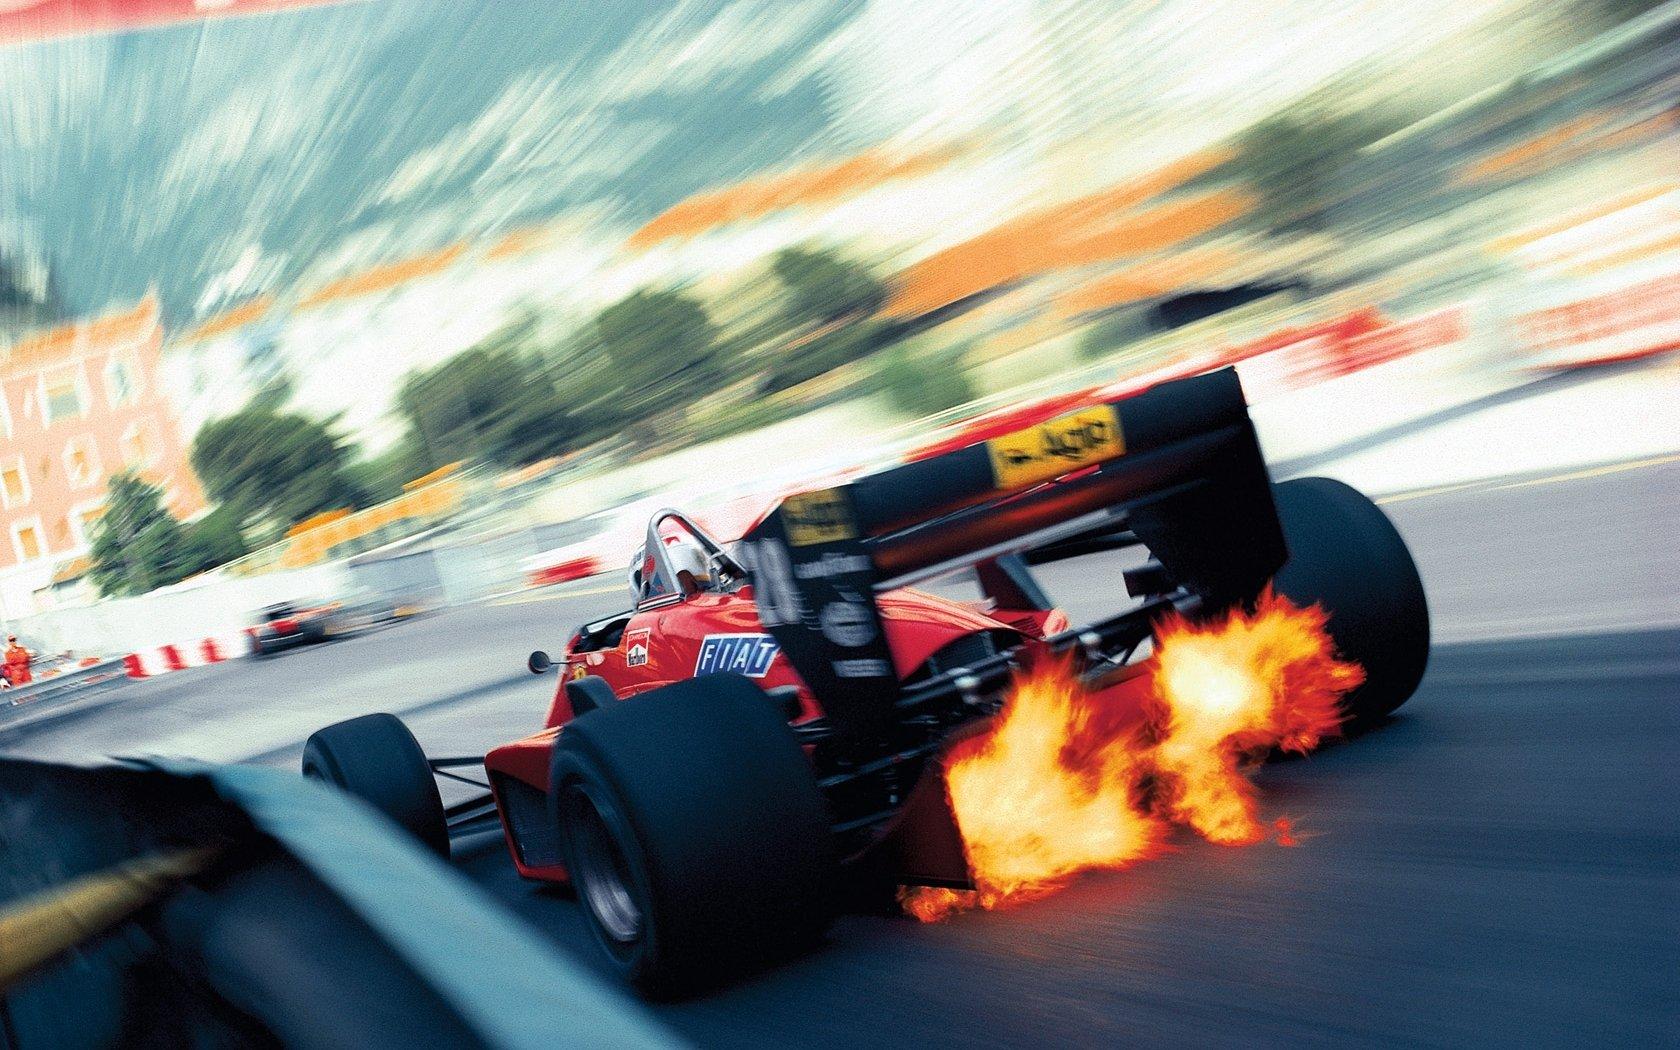 amazing hd formula 1 image